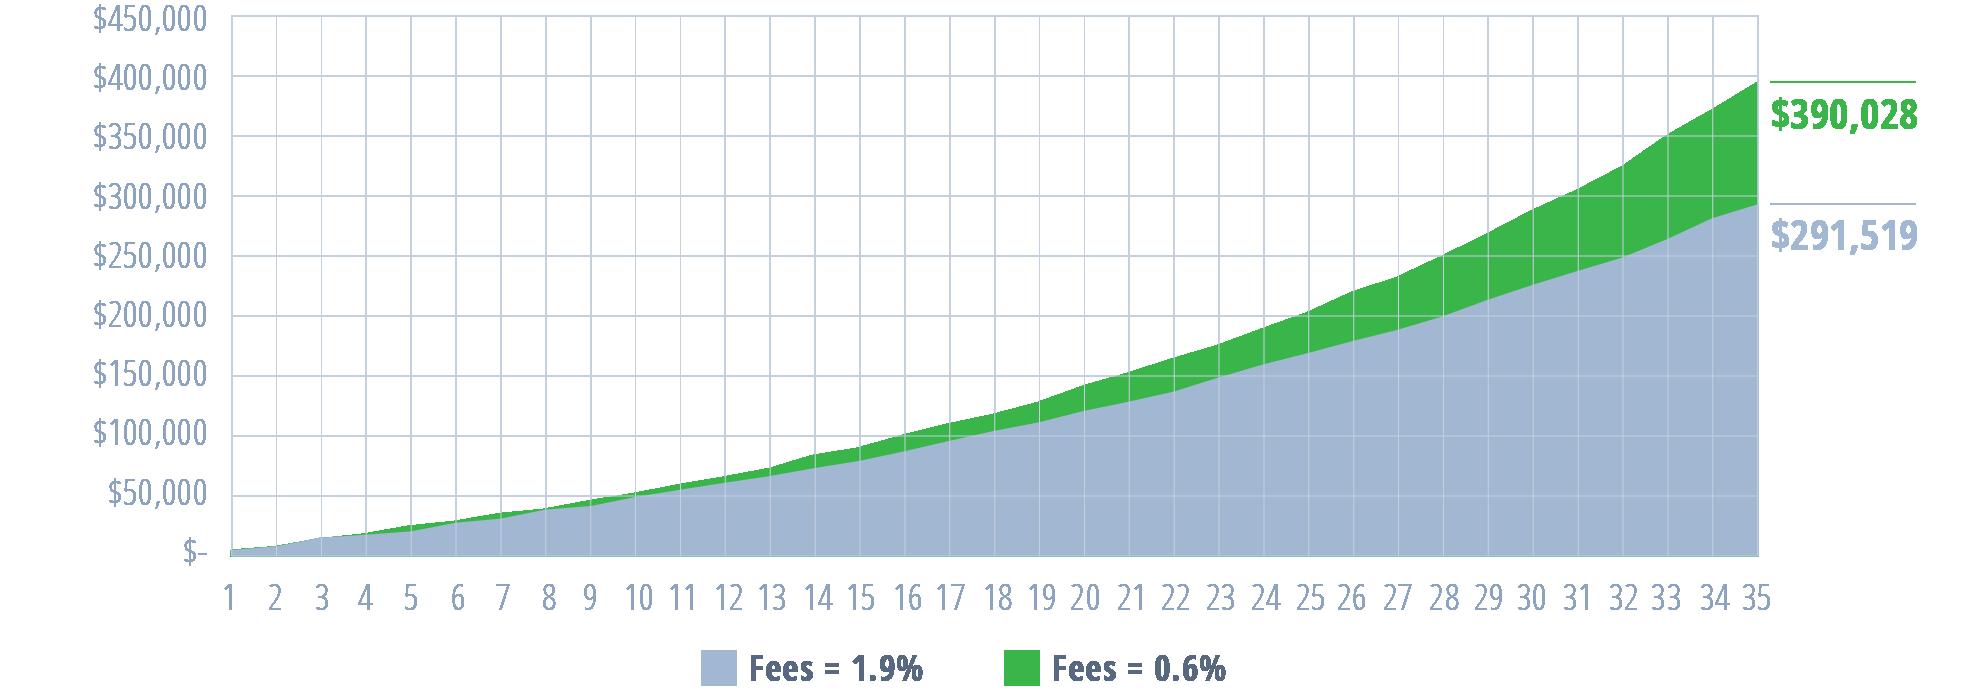 12b-1-fees---impact-of-fees-chart